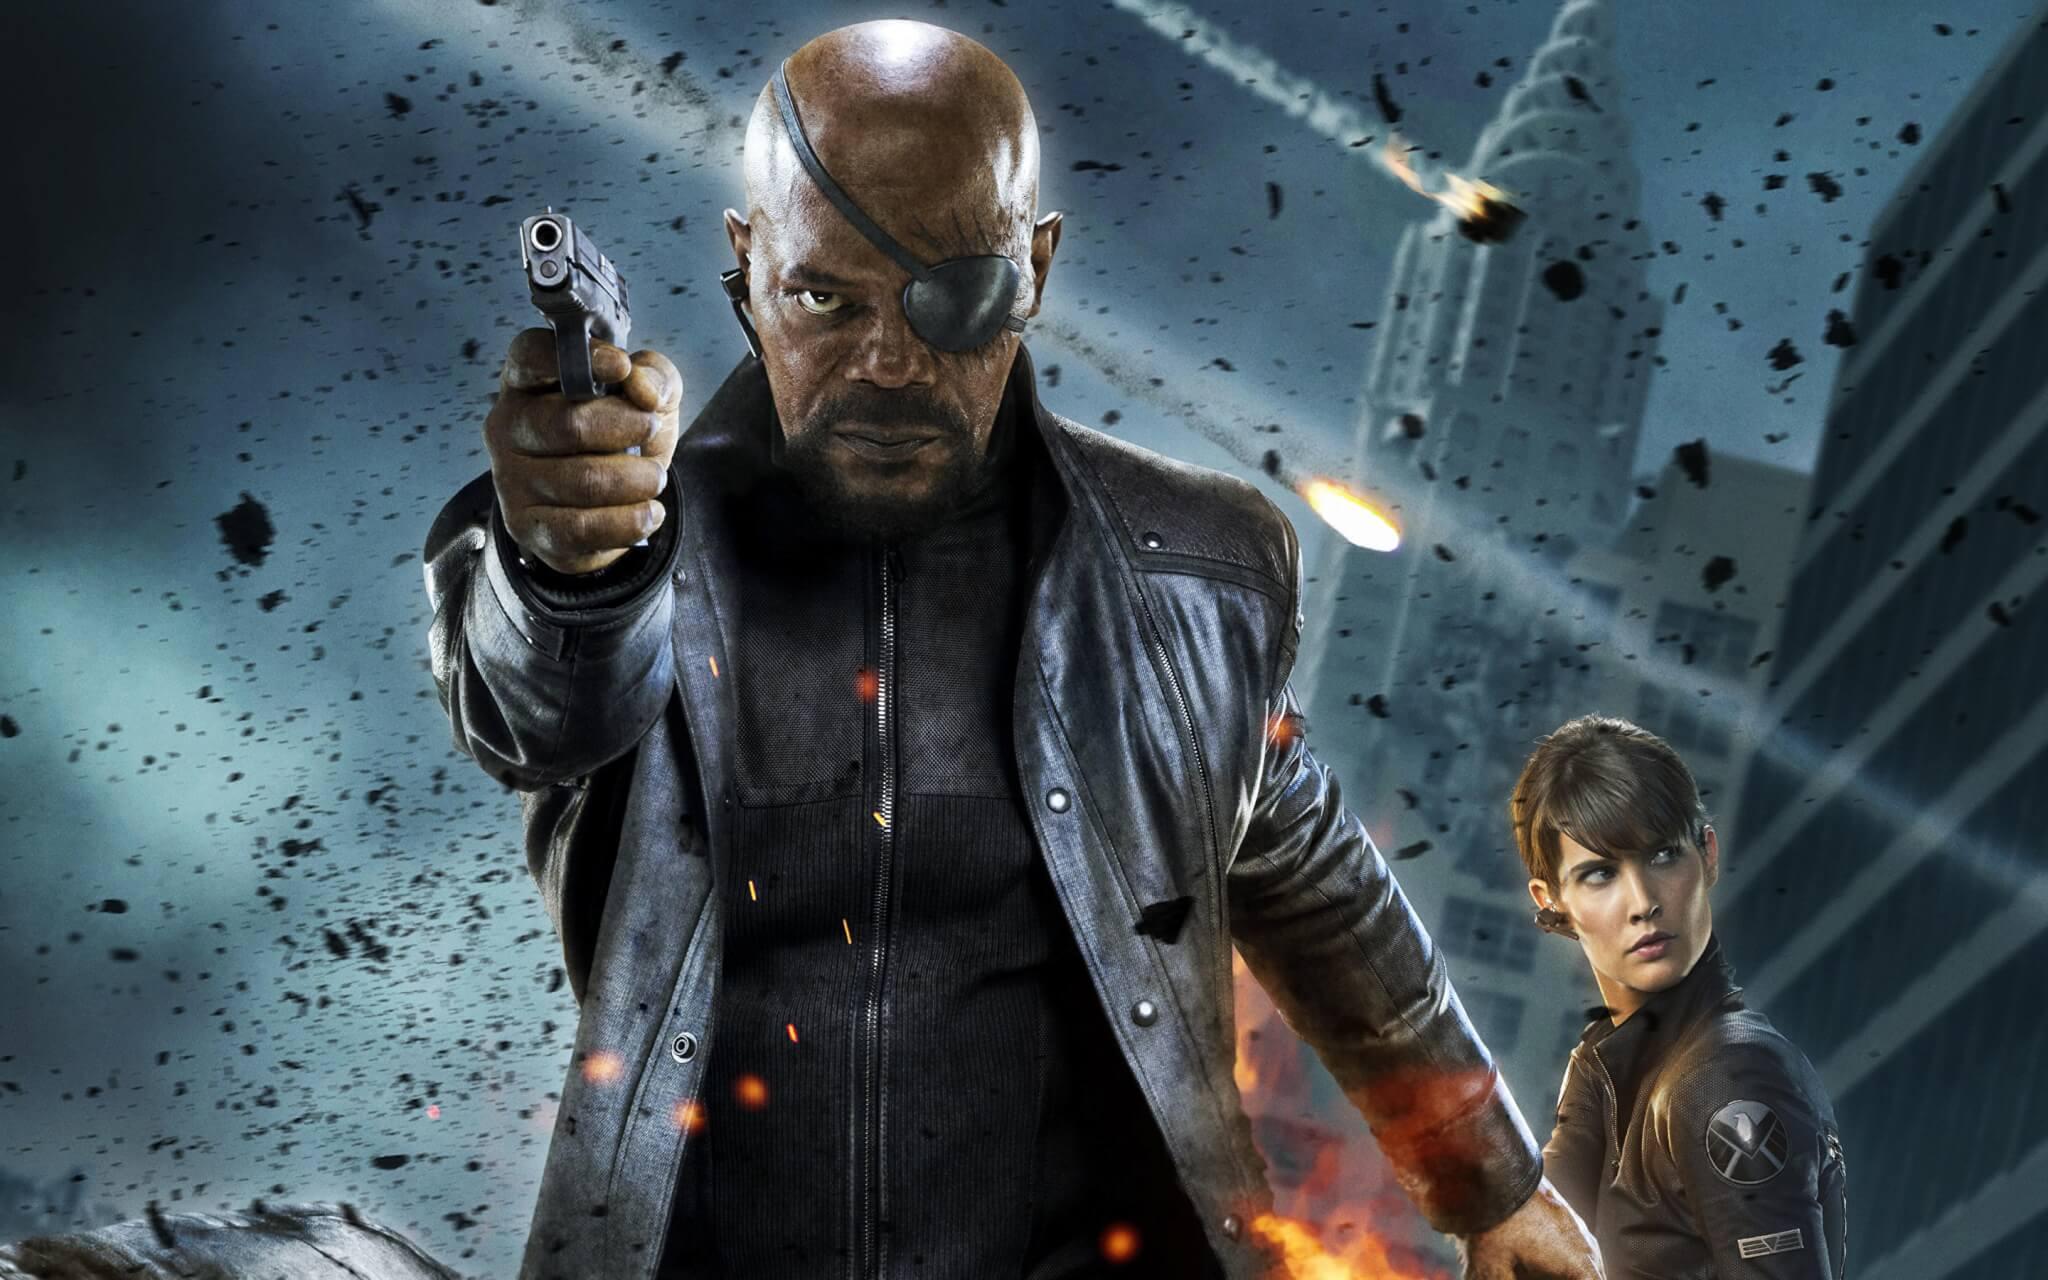 The avengers 2012 film 449946 2880x1800 gkhx